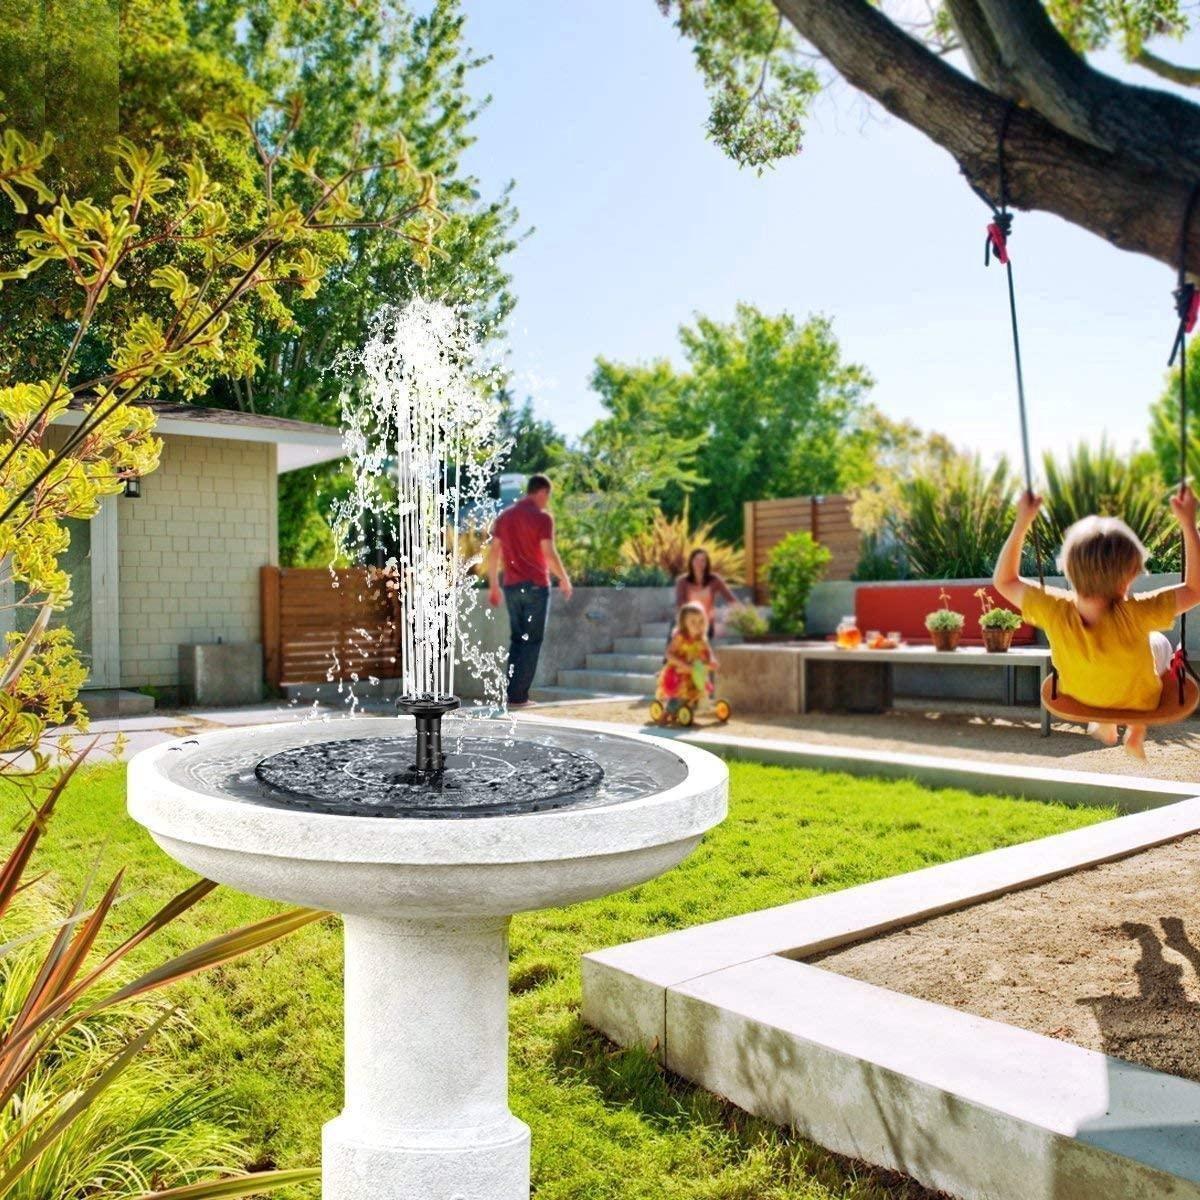 Solar Fontein op Zonne Energie - Extra Hoge Straal - Fontein pomp voor Tuin / Vogelbad / Vijver / Zwembad - Energiezuinige fontein - Milieuvriendelijke Fontein - 5 opzetstukken - Water Fontein - Vijver tuindecoratie